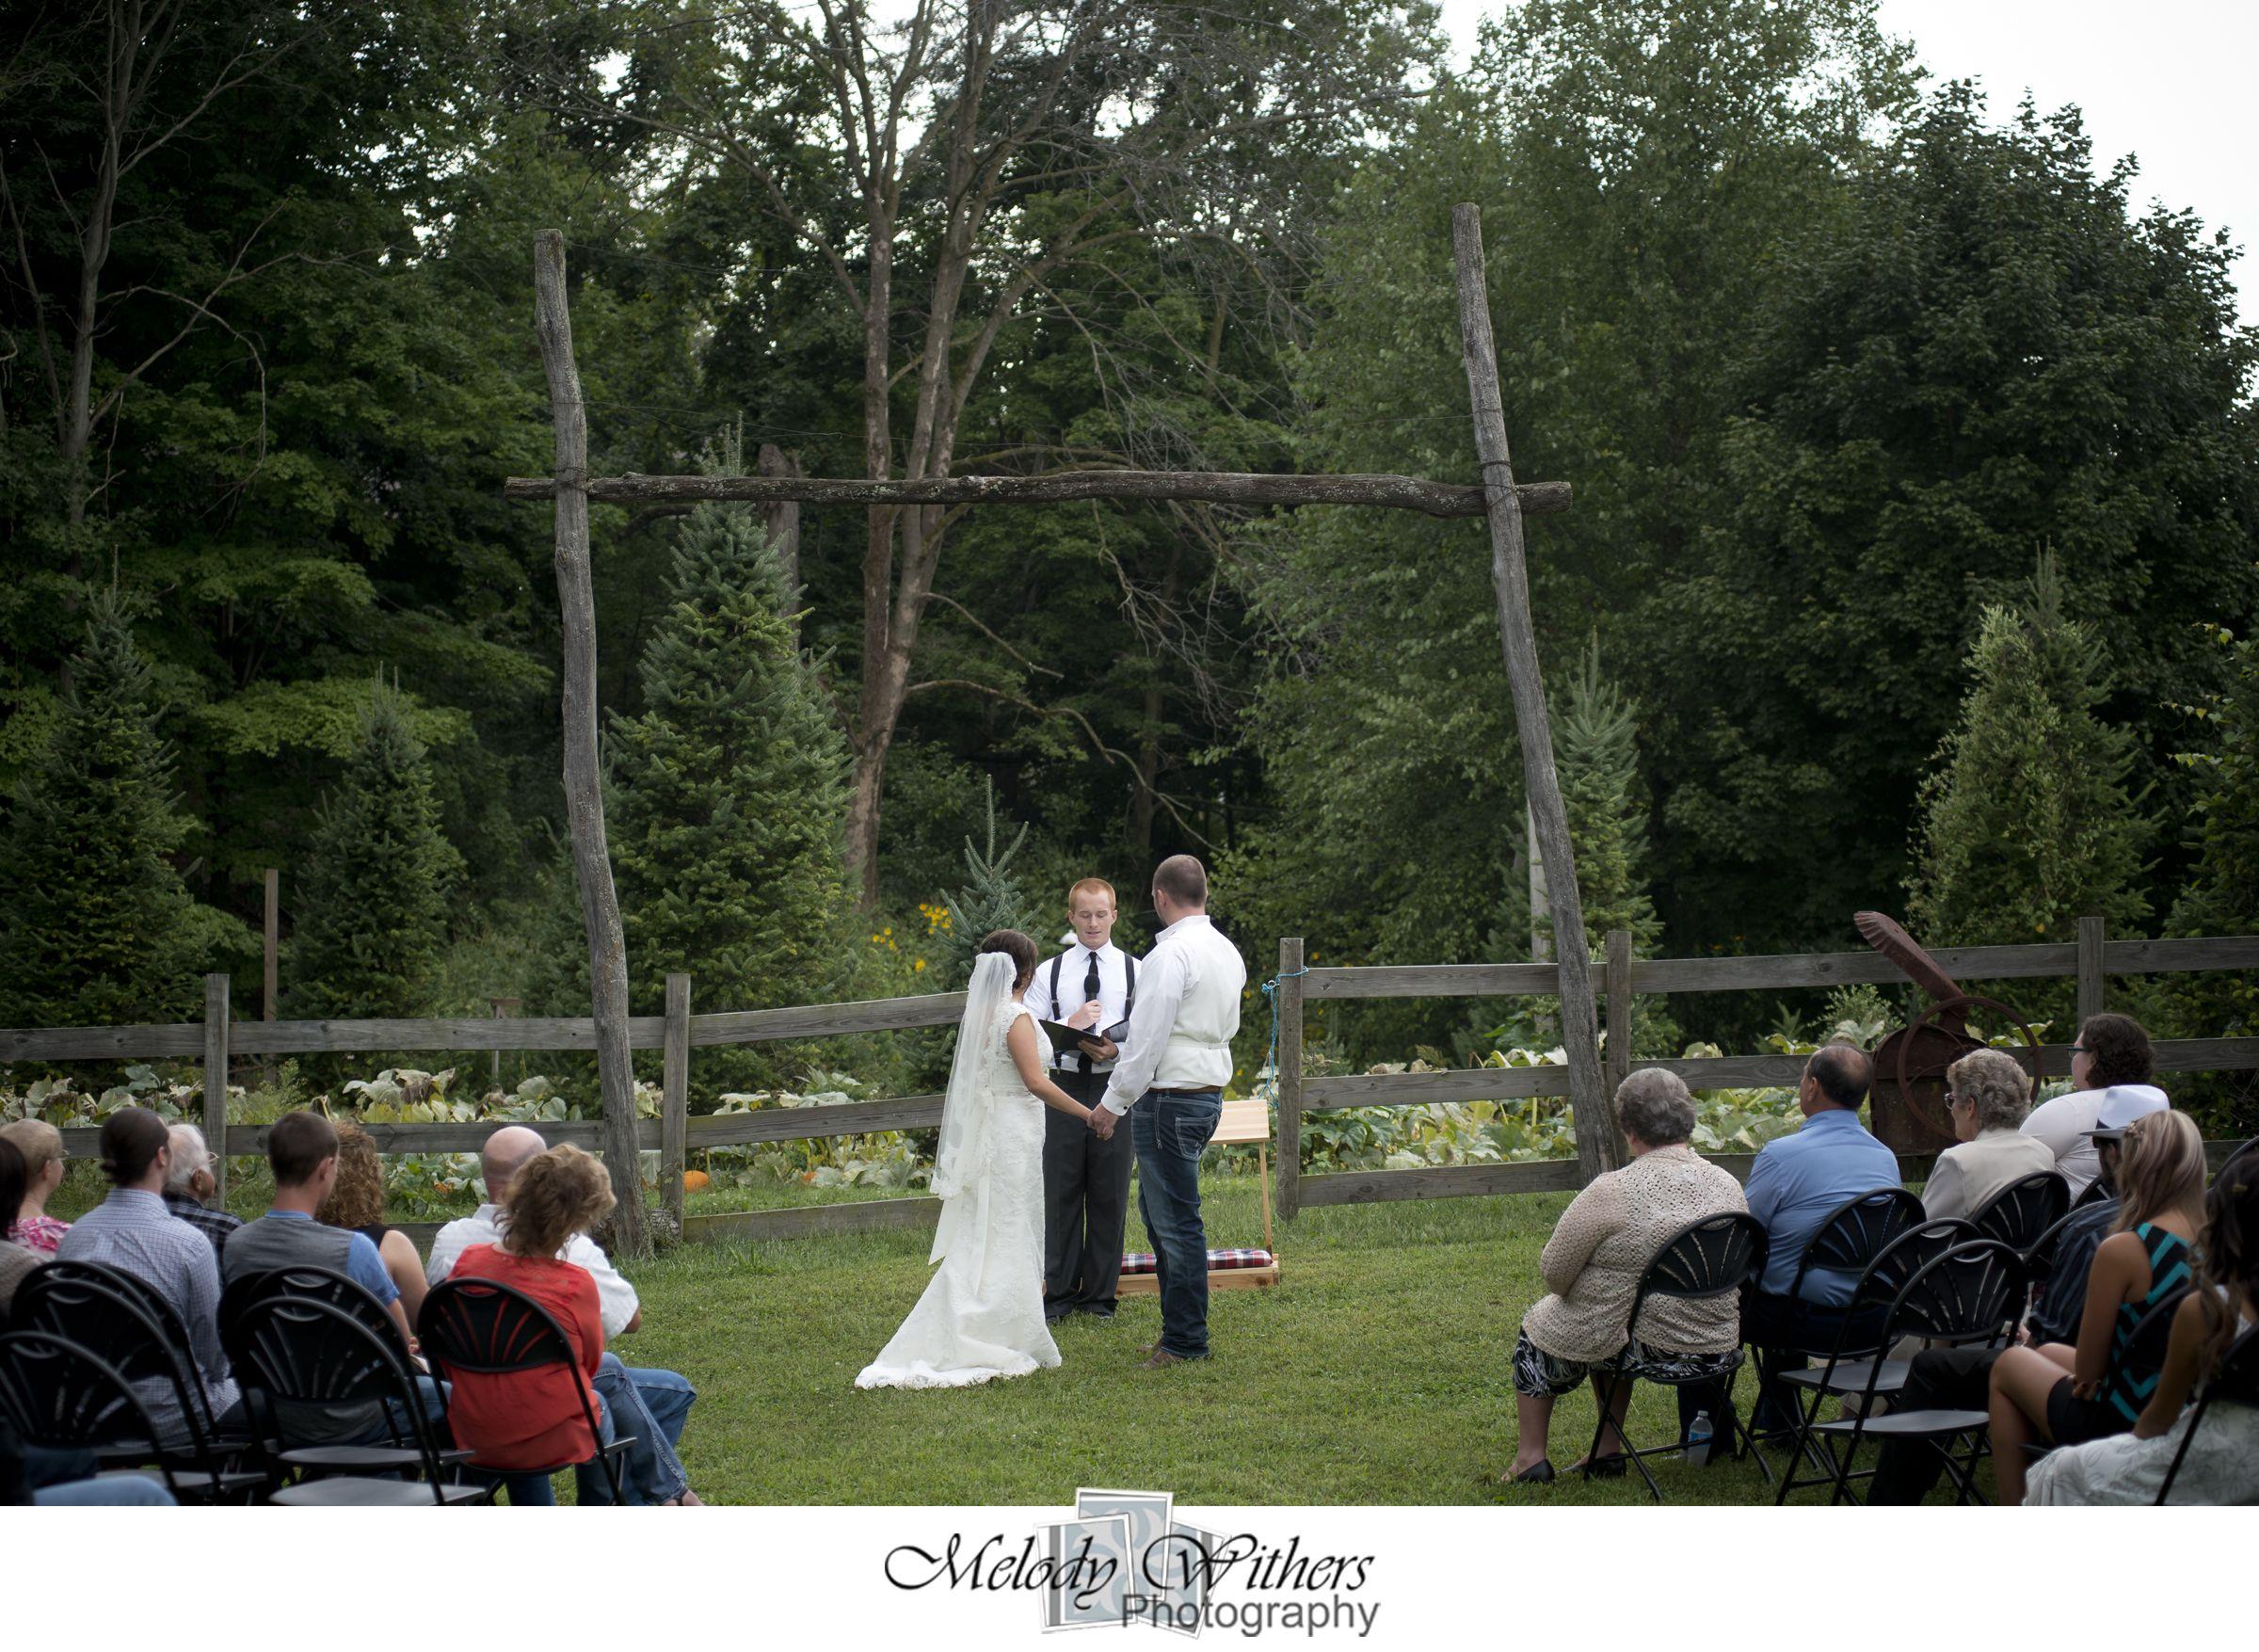 Indiana Wedding Venue: Stoney Creek Farms www.stonycreekfarm.net ...